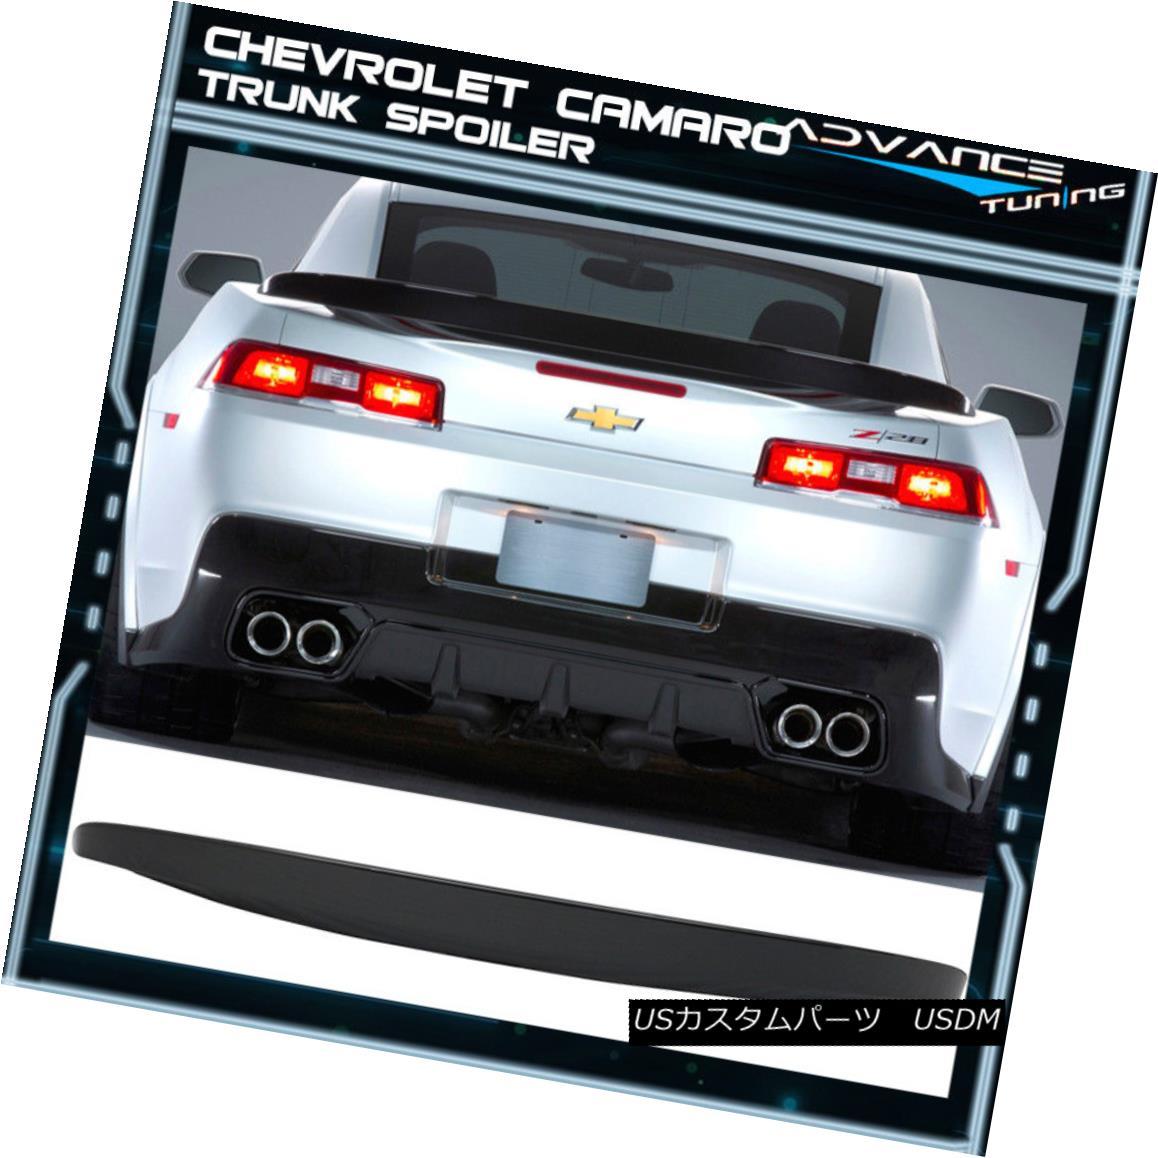 エアロパーツ 14-15 Chevrolet Camaro OE Trunk Spoiler Painted #WA810T Ashen Gray Metallic 14-15シボレー・カマロOEトランク・スポイラー#WA810Tアッシュ・グレー・メタリック